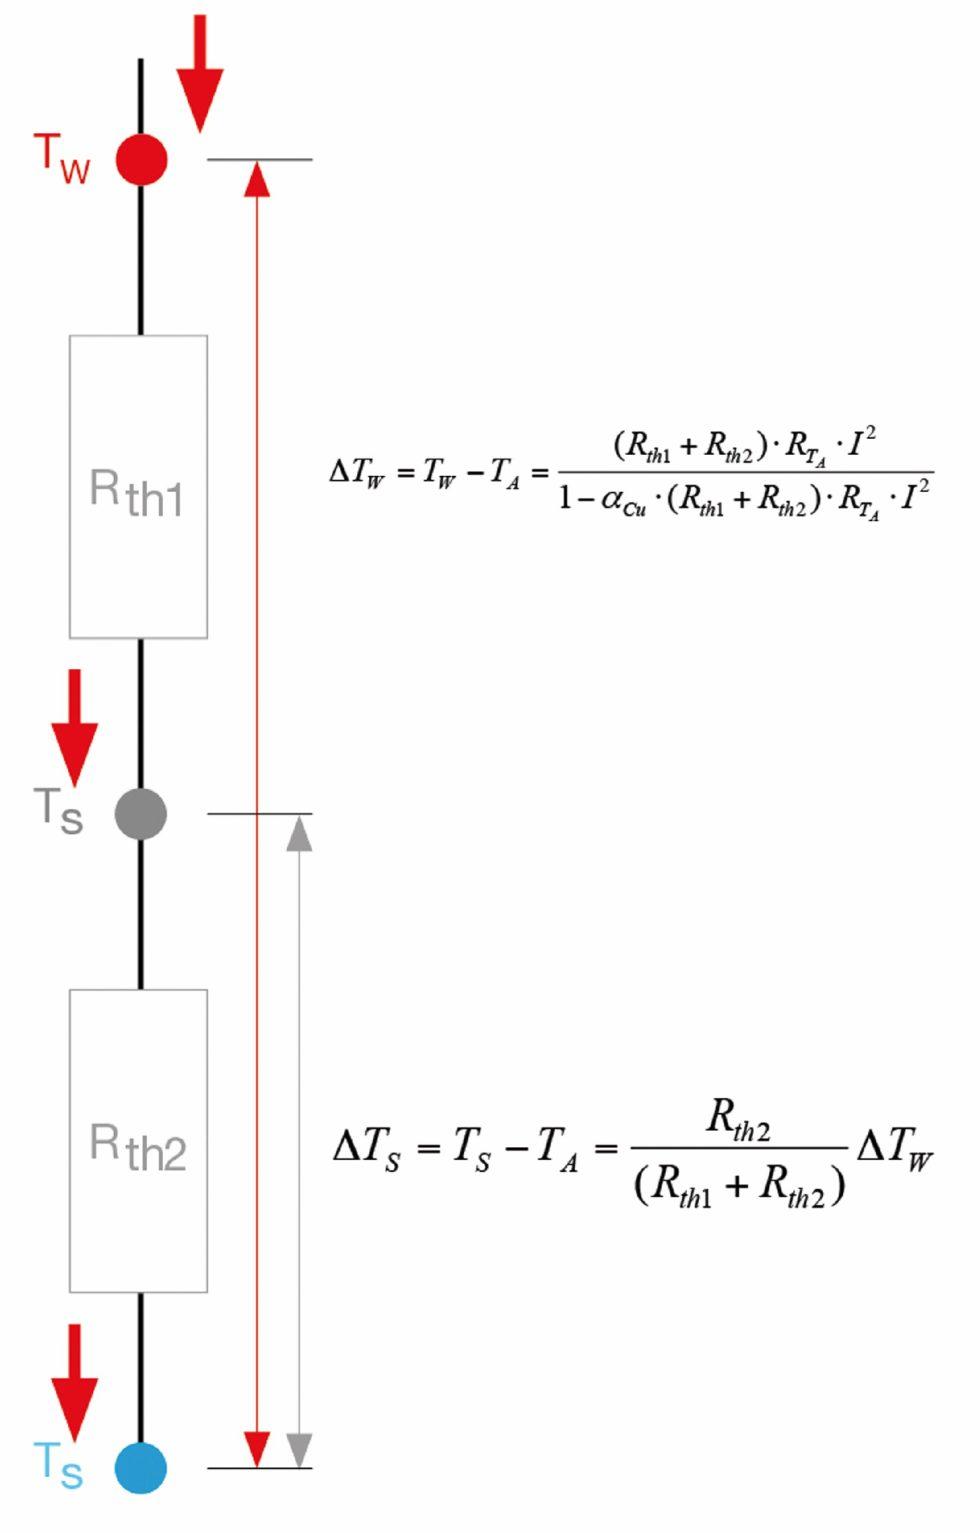 """Bild 1 Abschätzung der Erhöhung von Wicklungs- (TW) und Gehäusetemperatur (TS) im Dauerbetrieb (ohne Berücksichtigung der Erwärmung durch Wirbelstromverluste) in Bezug auf die aktuelle Umgebungstemperatur (TA). Rth1: thermischer Widerstand Wicklung – Gehäuse; Rth2: thermischer Widerstand Gehäuse – Umgebung (kann von Montagebedingungen beeinflusst werden); RTA: der elektrische Anschlusswiderstand bei aktueller Umgebungstemperatur; I: die Strombelastung; aCU: Temperaturkoeffizient des elektr. Widerstands von Kupfer (ca. 0,004K-1). Der Nenner in der ersten Formel berücksichtigt die Temperaturabhängigkeit des elektrischen Widerstands. In Gleichung 2 agieren die thermischen Widerstände als """"Spannungsteiler"""" für die Temperatur. Bild: maxon"""